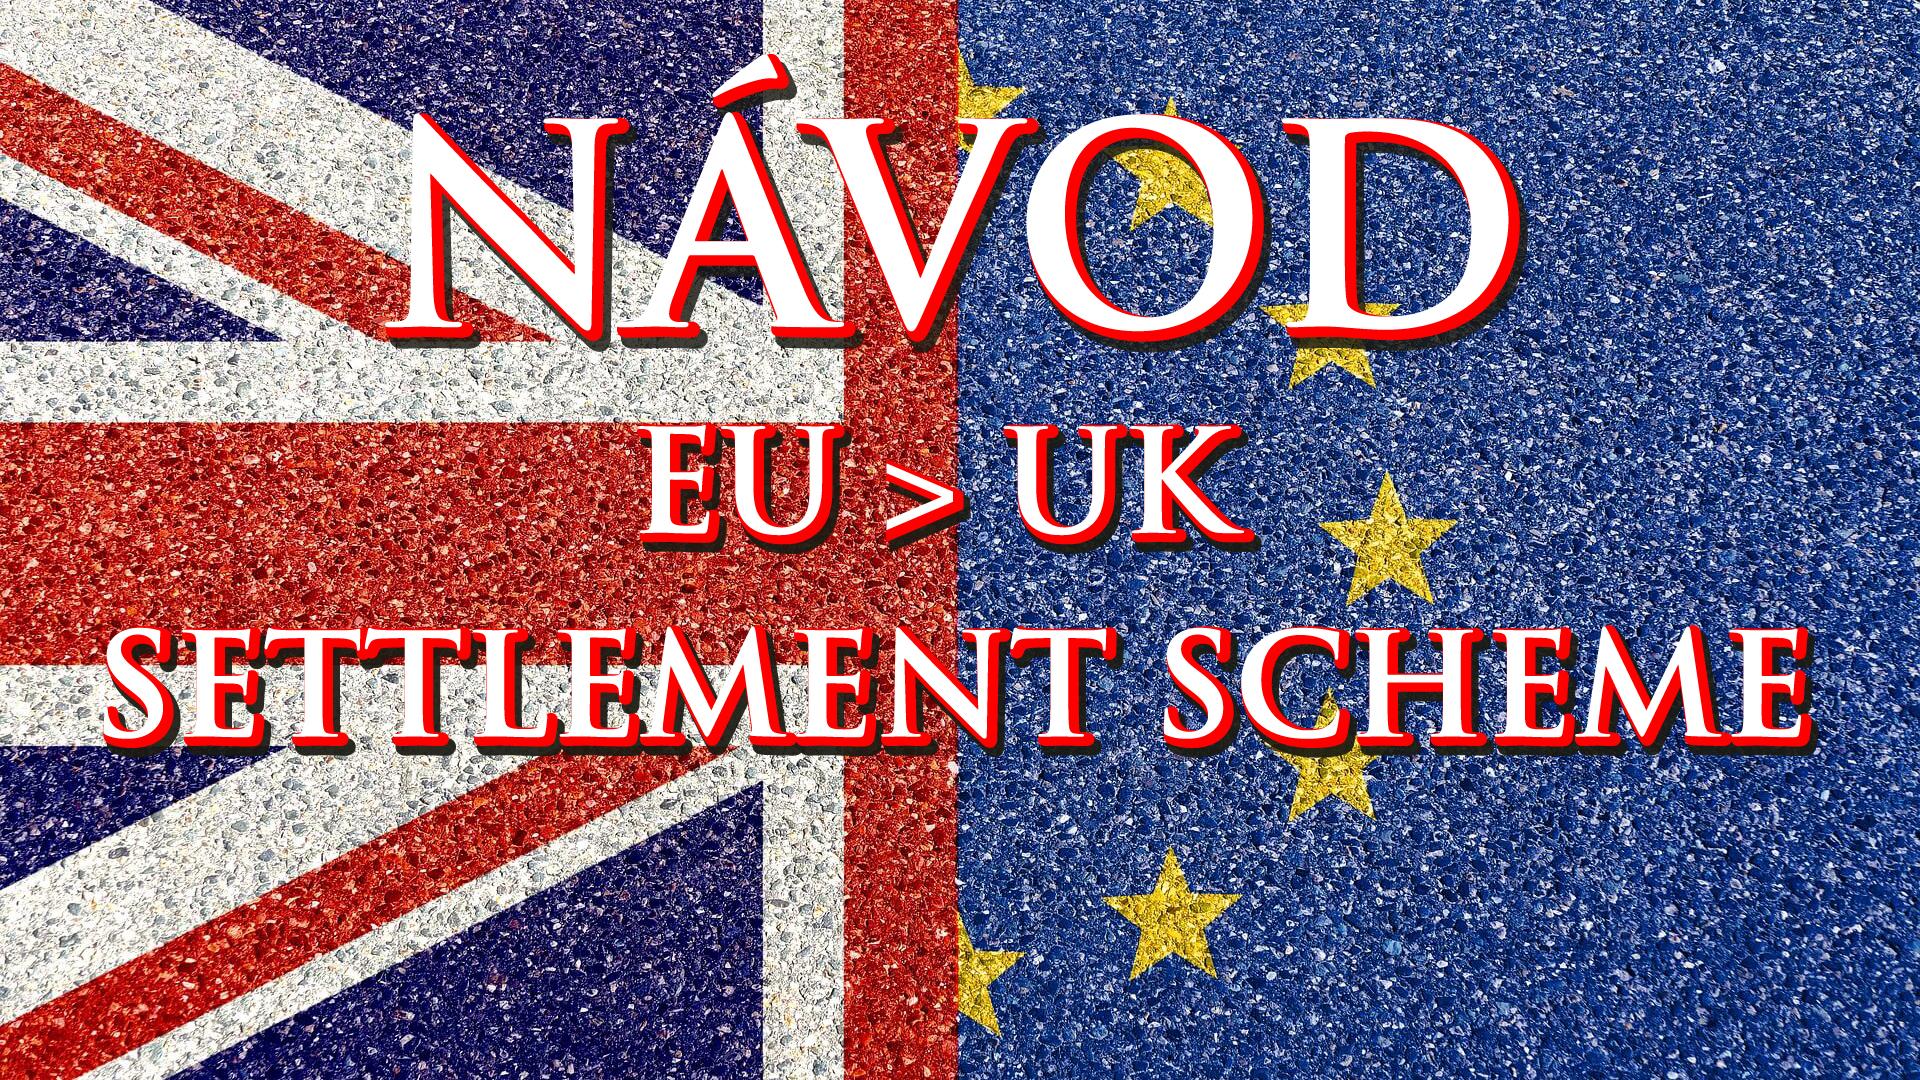 Informace a návod na získání settled status, statusu usedlíka a pre-settled status, předběžného statusu ve Velké Británii podle imigračního zákona podle Brexitu